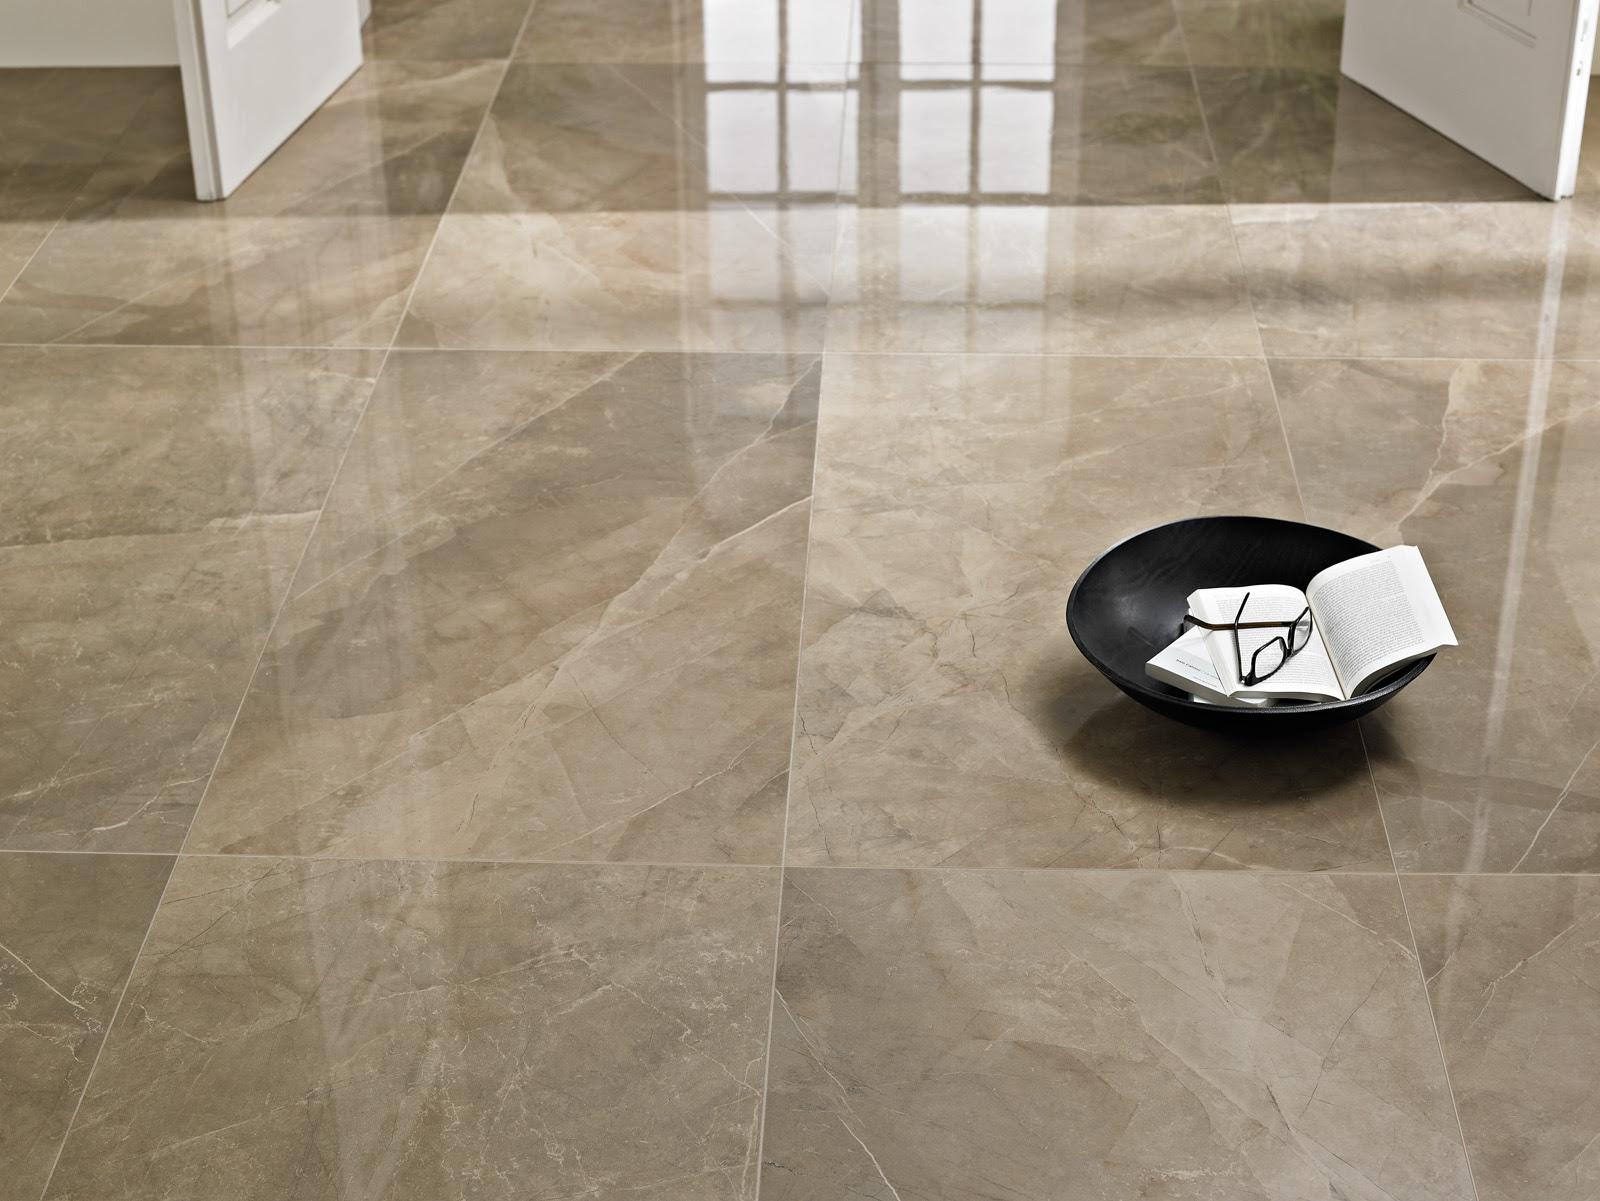 Pavimento Finto Marmo Lucido pulizia della casa: gres porcellanato effetto marmo lucido